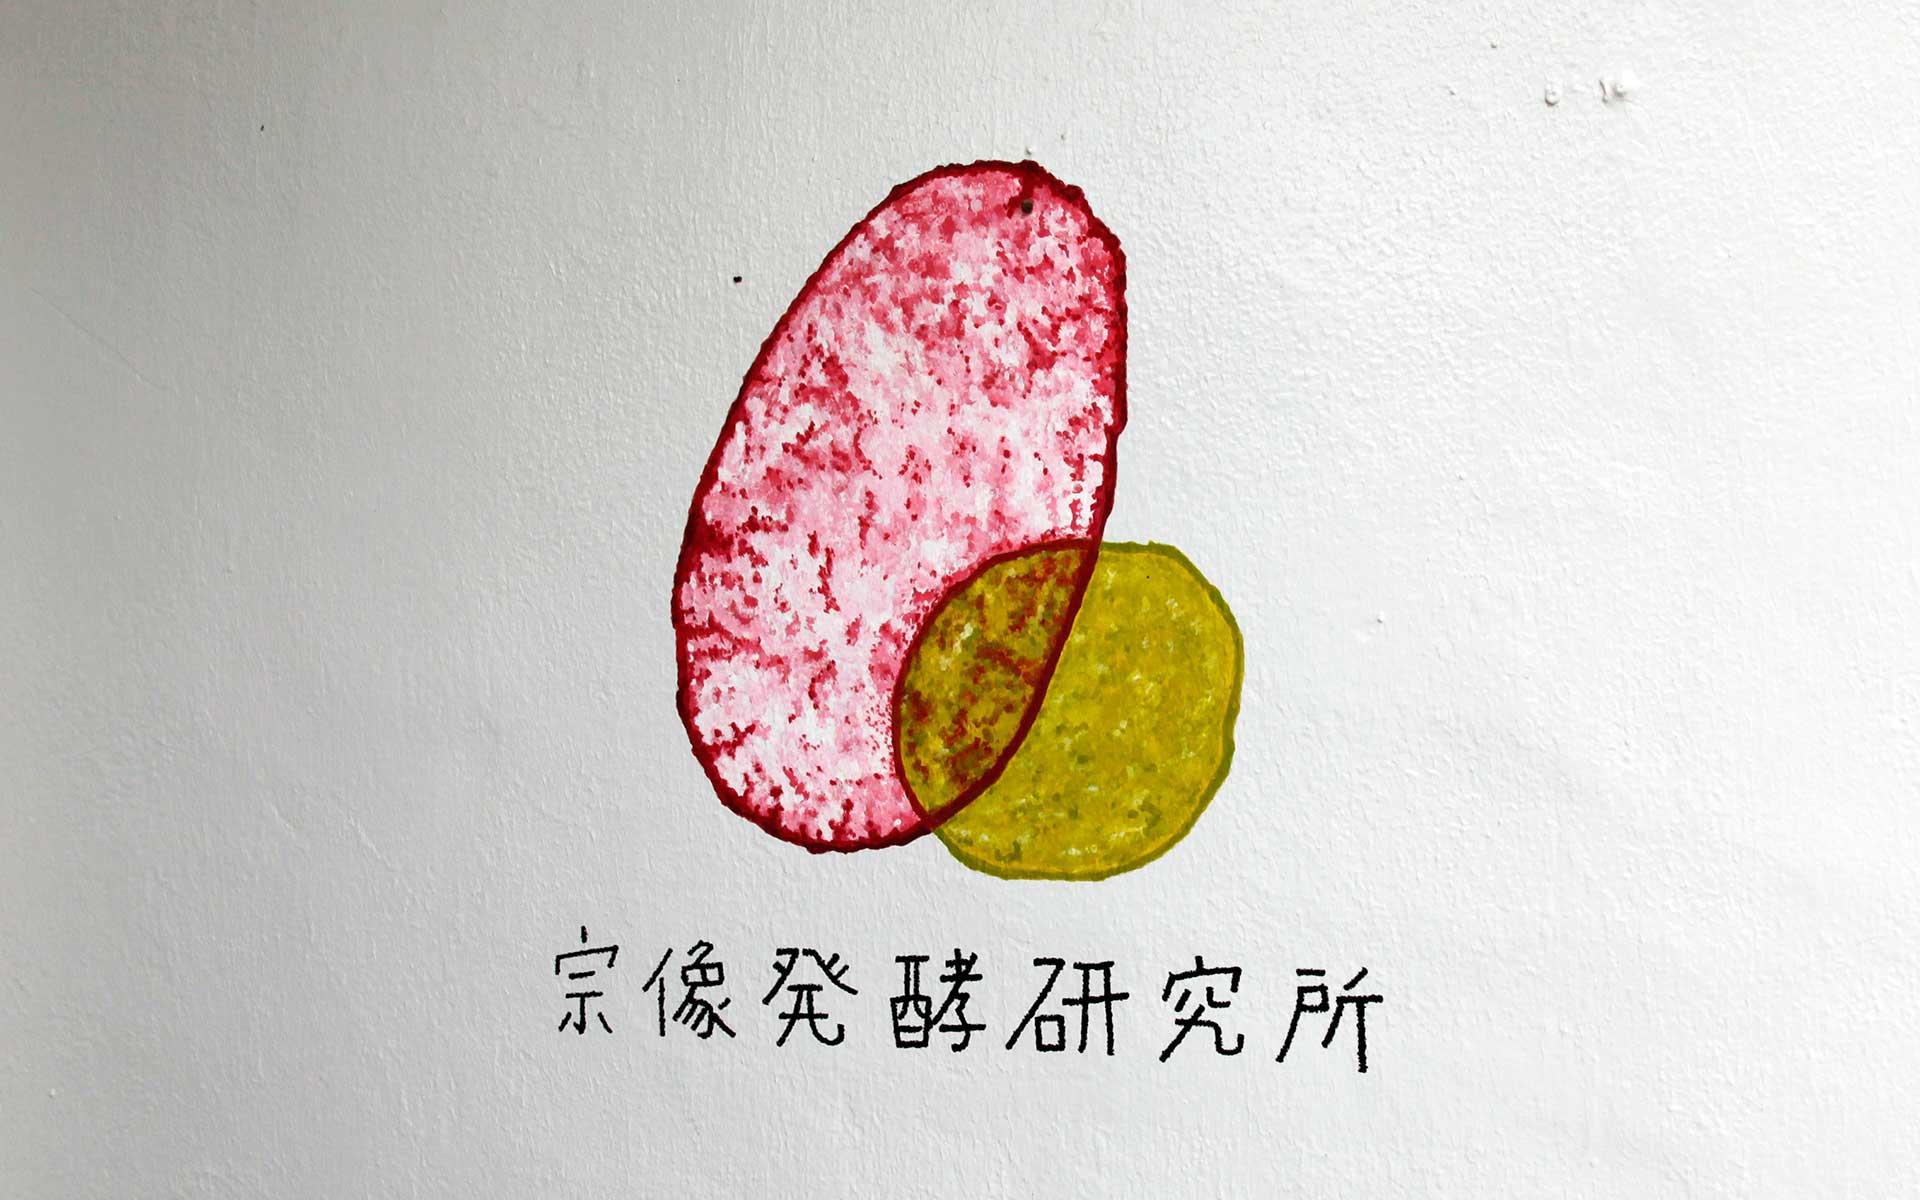 〈宗像堂〉の新しい施設〈宗像発酵研究所〉。ロゴデザインは〈minä perhonen〉皆川明さんによるもの